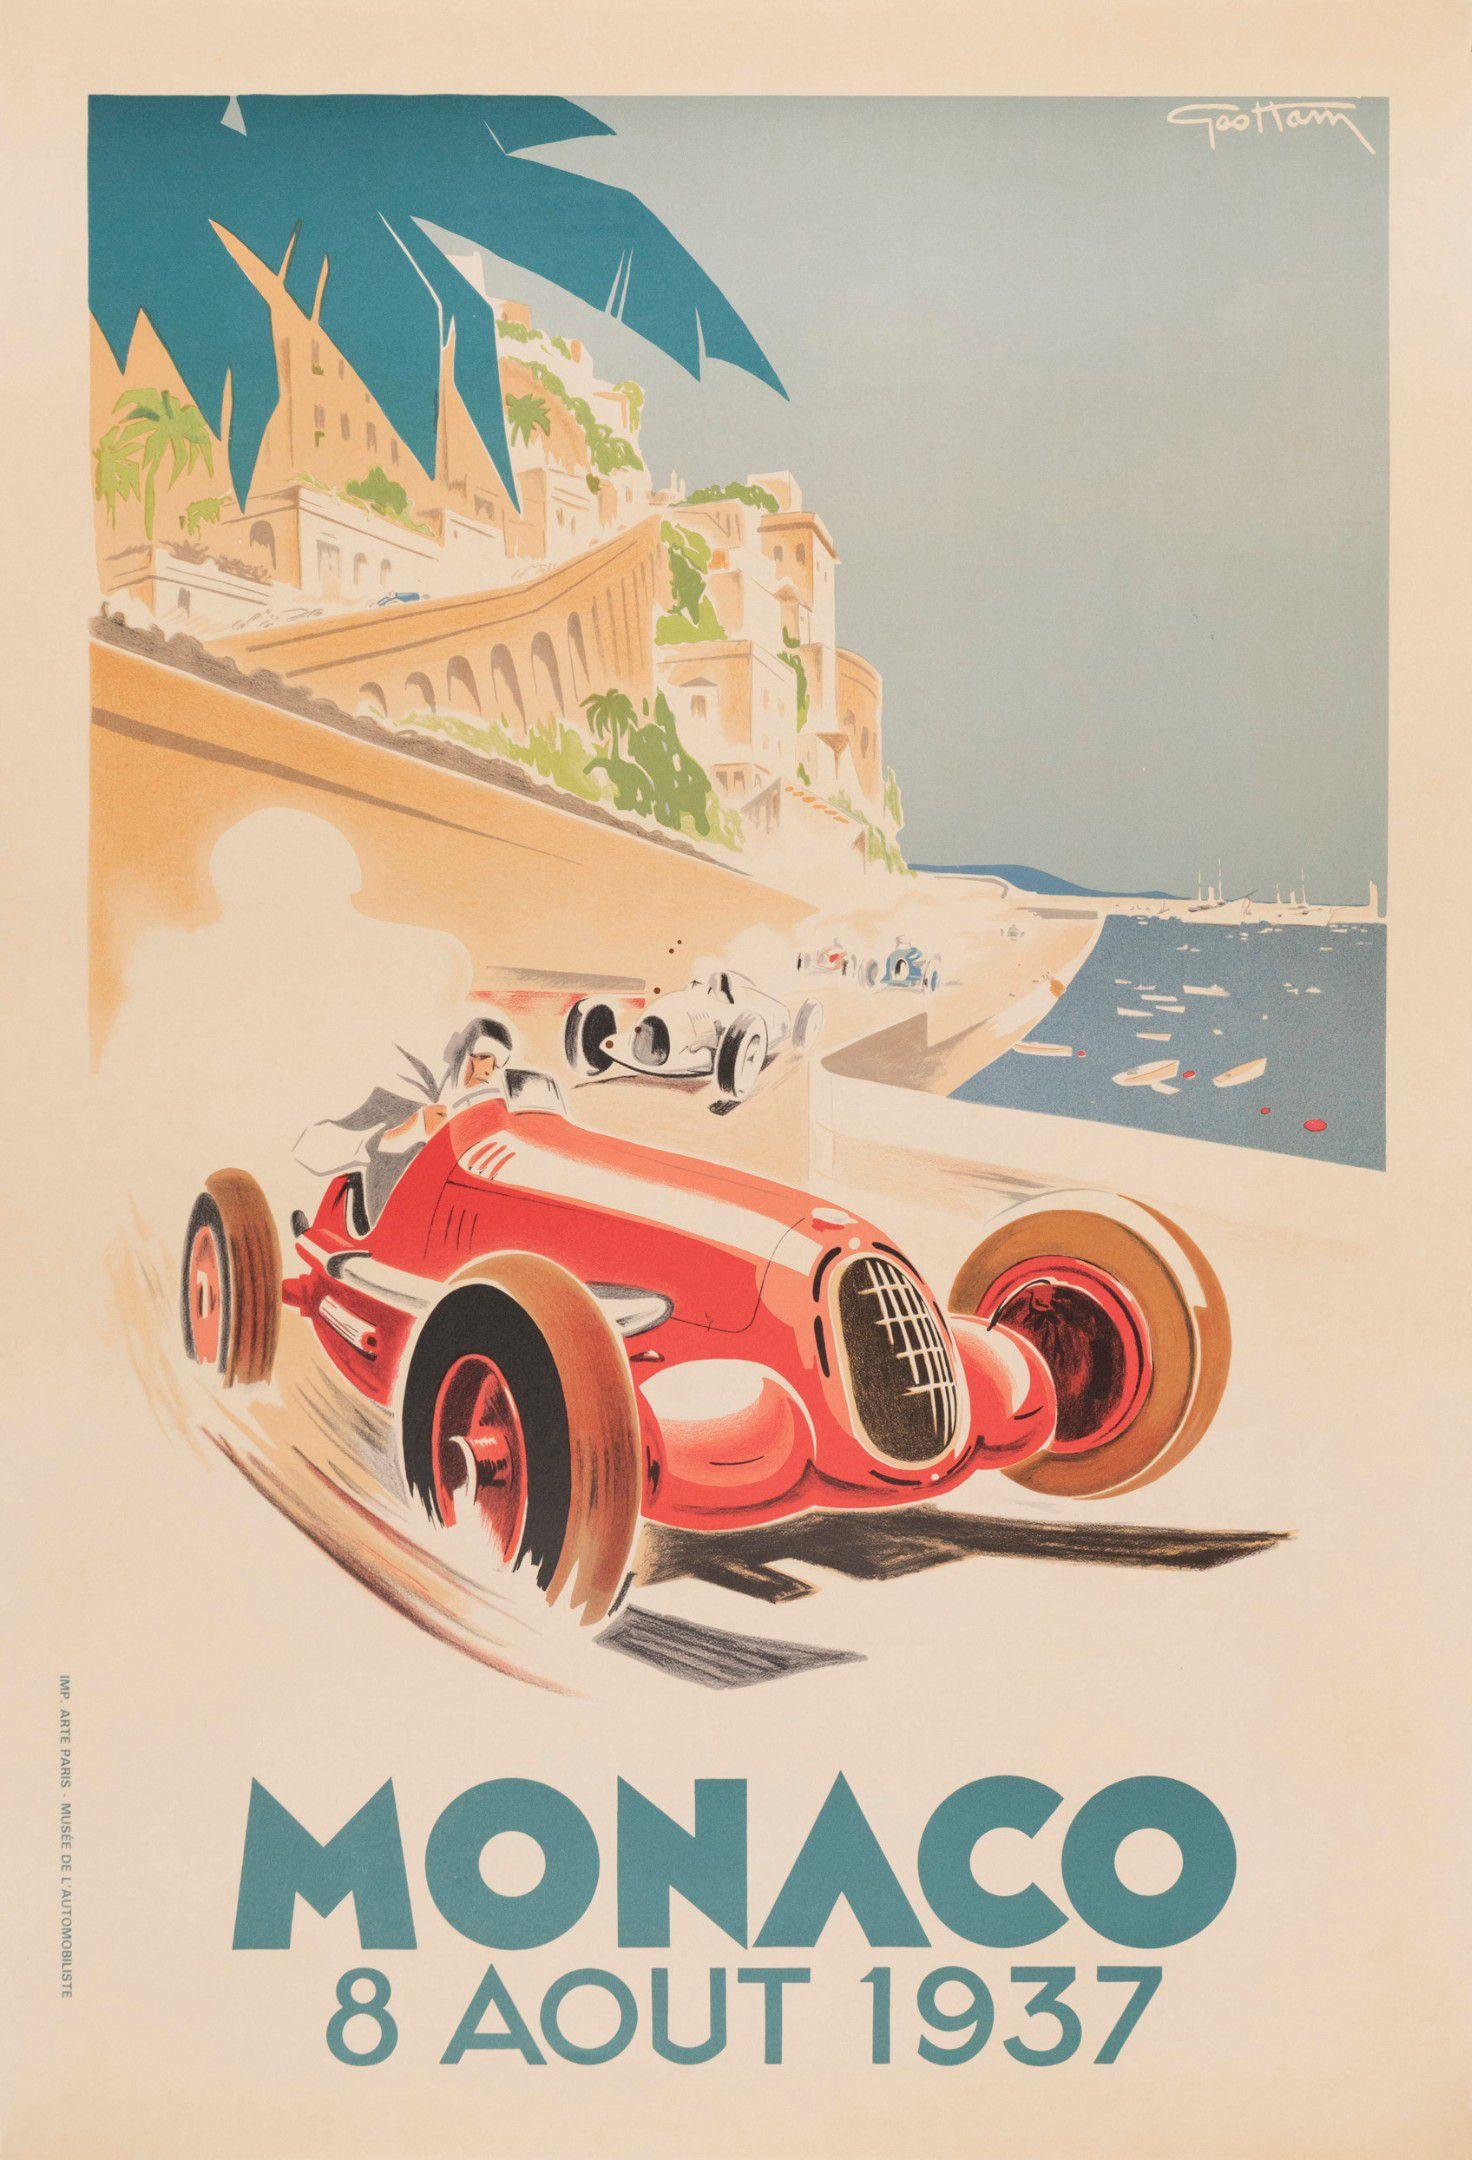 Monaco 8 Août 1937